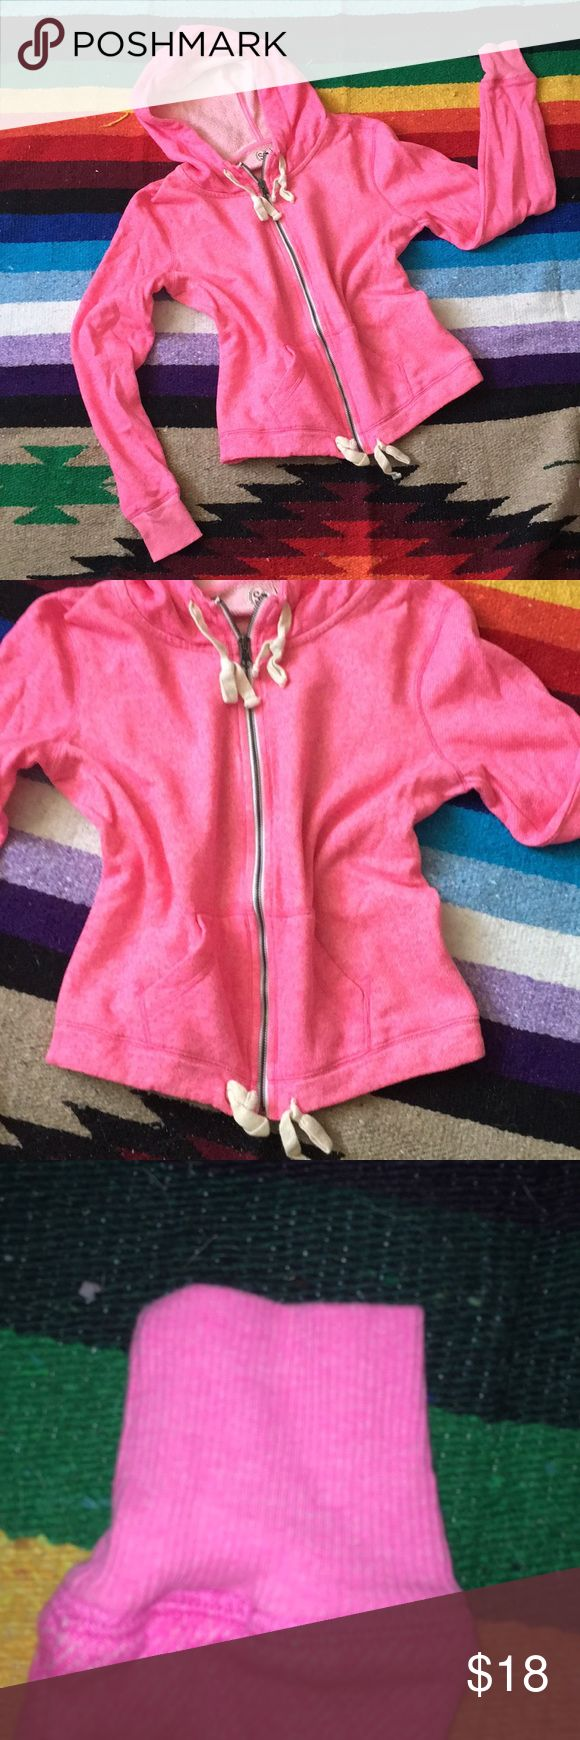 """Pink Zip-up Hoodie SO Pink Zip-up Drawstring Hoodie Size M. NWOT. - Never worn   Approx measurements: Length: 20"""" Shoulder to sleeve hem: 23.5"""" Armpit to armpit: 20"""" SO Tops Sweatshirts & Hoodies"""